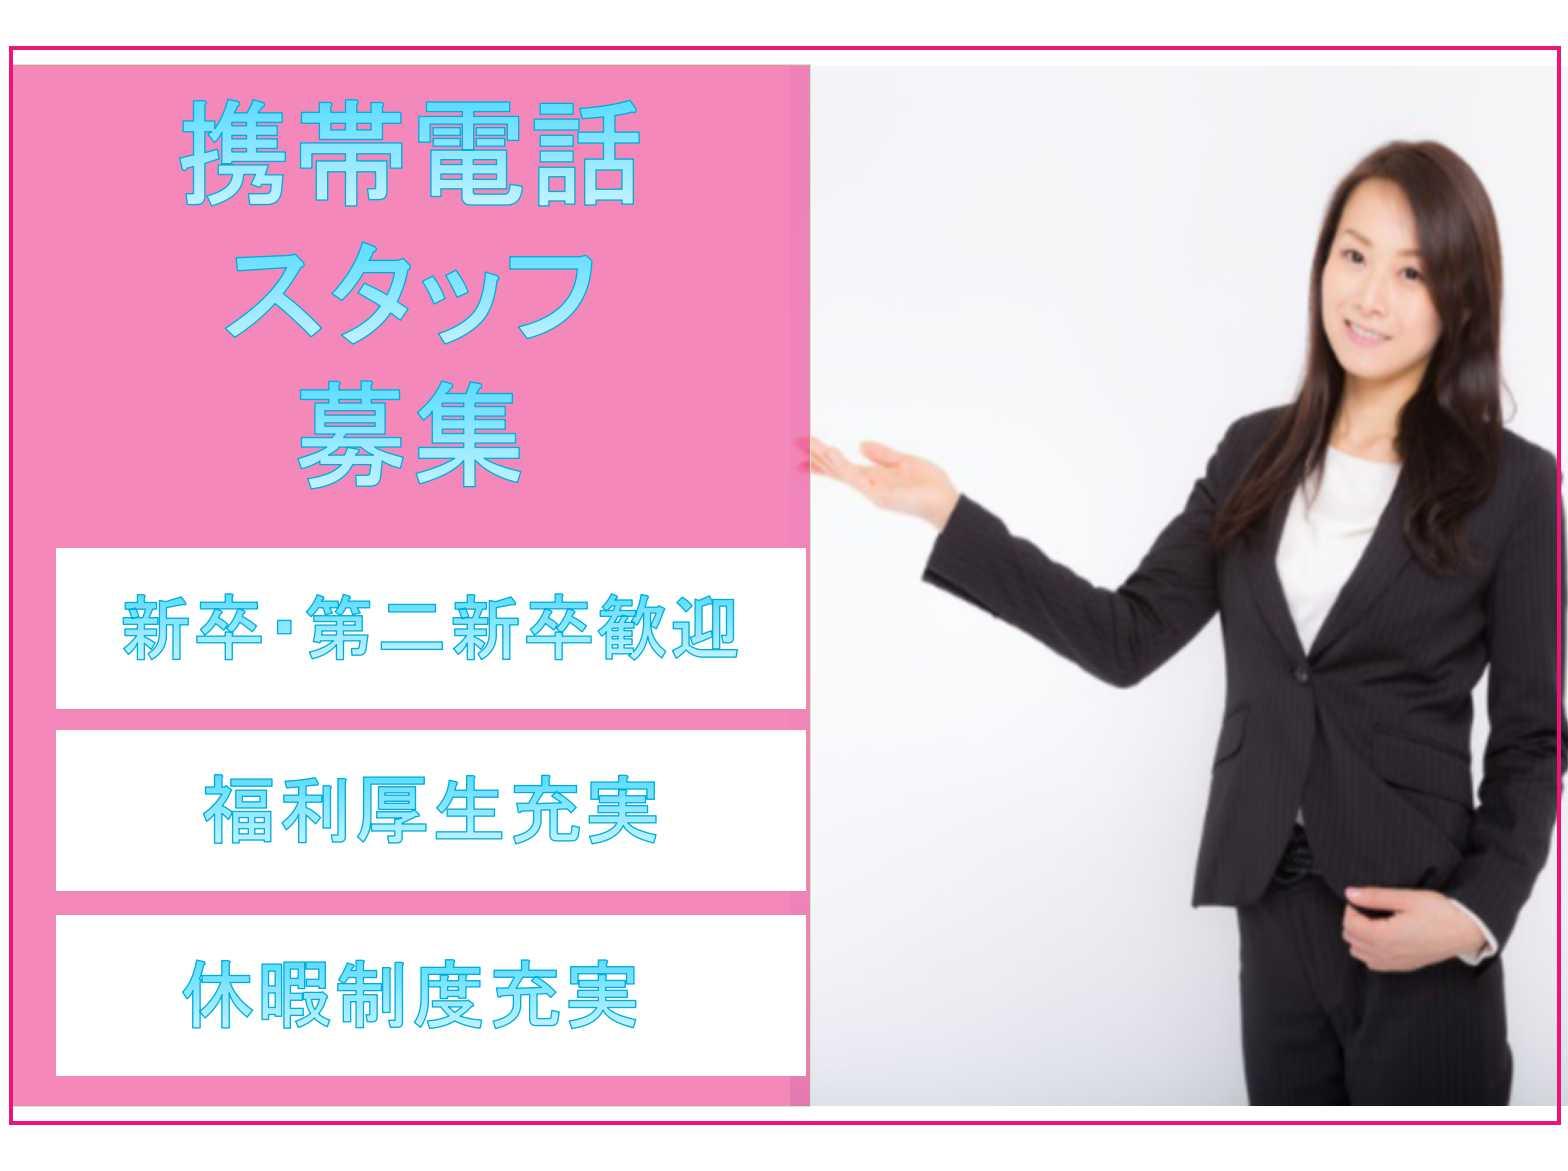 【名古屋市緑区】◆新卒・第二新卒歓迎◆福利厚生充実◆携帯電話スタッフ募集中◆ イメージ